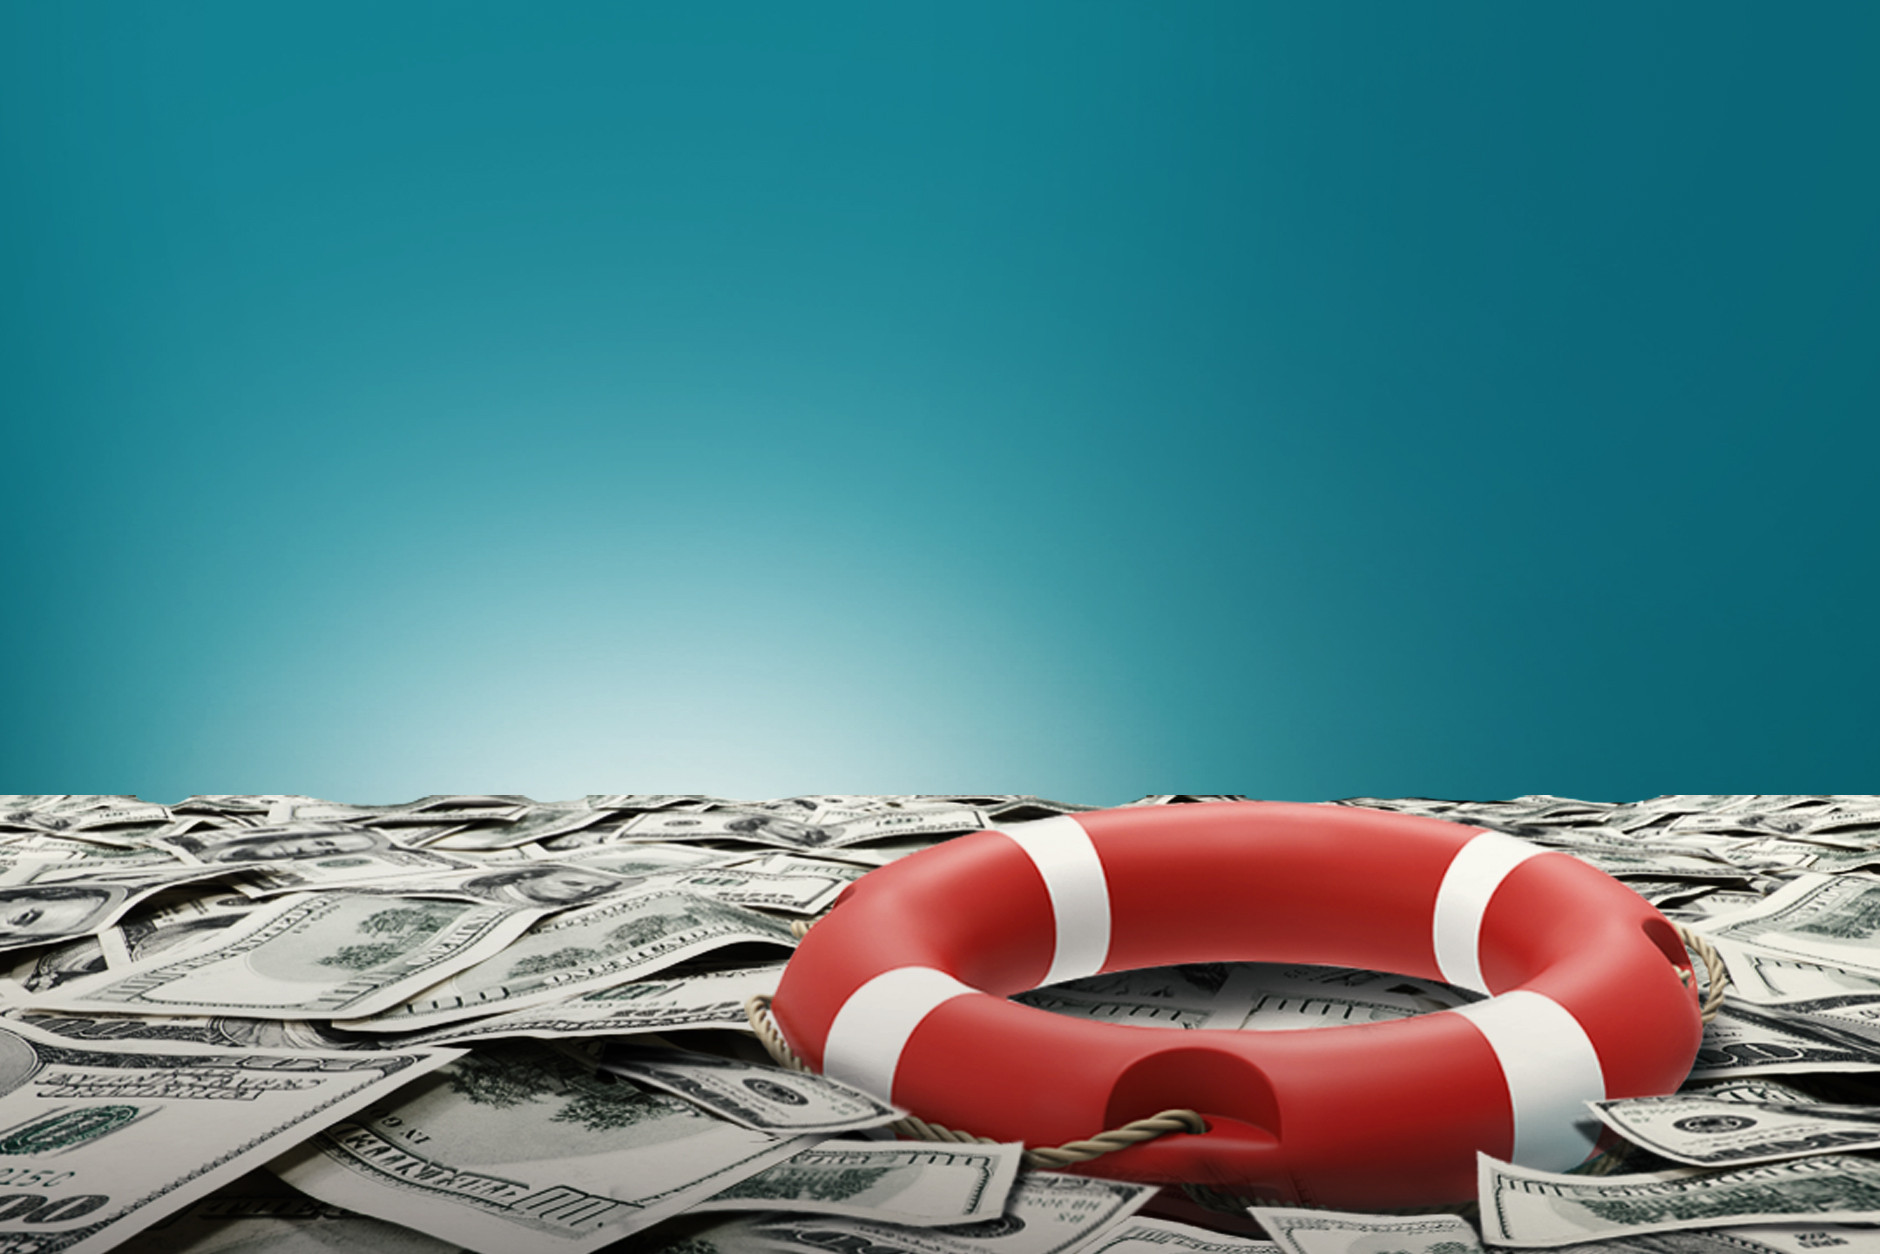 لا لهدر مليار دولار آخر! من حقوق السحب الخاصّة للبنان (SDR) عبر صندوق النقد الدولي